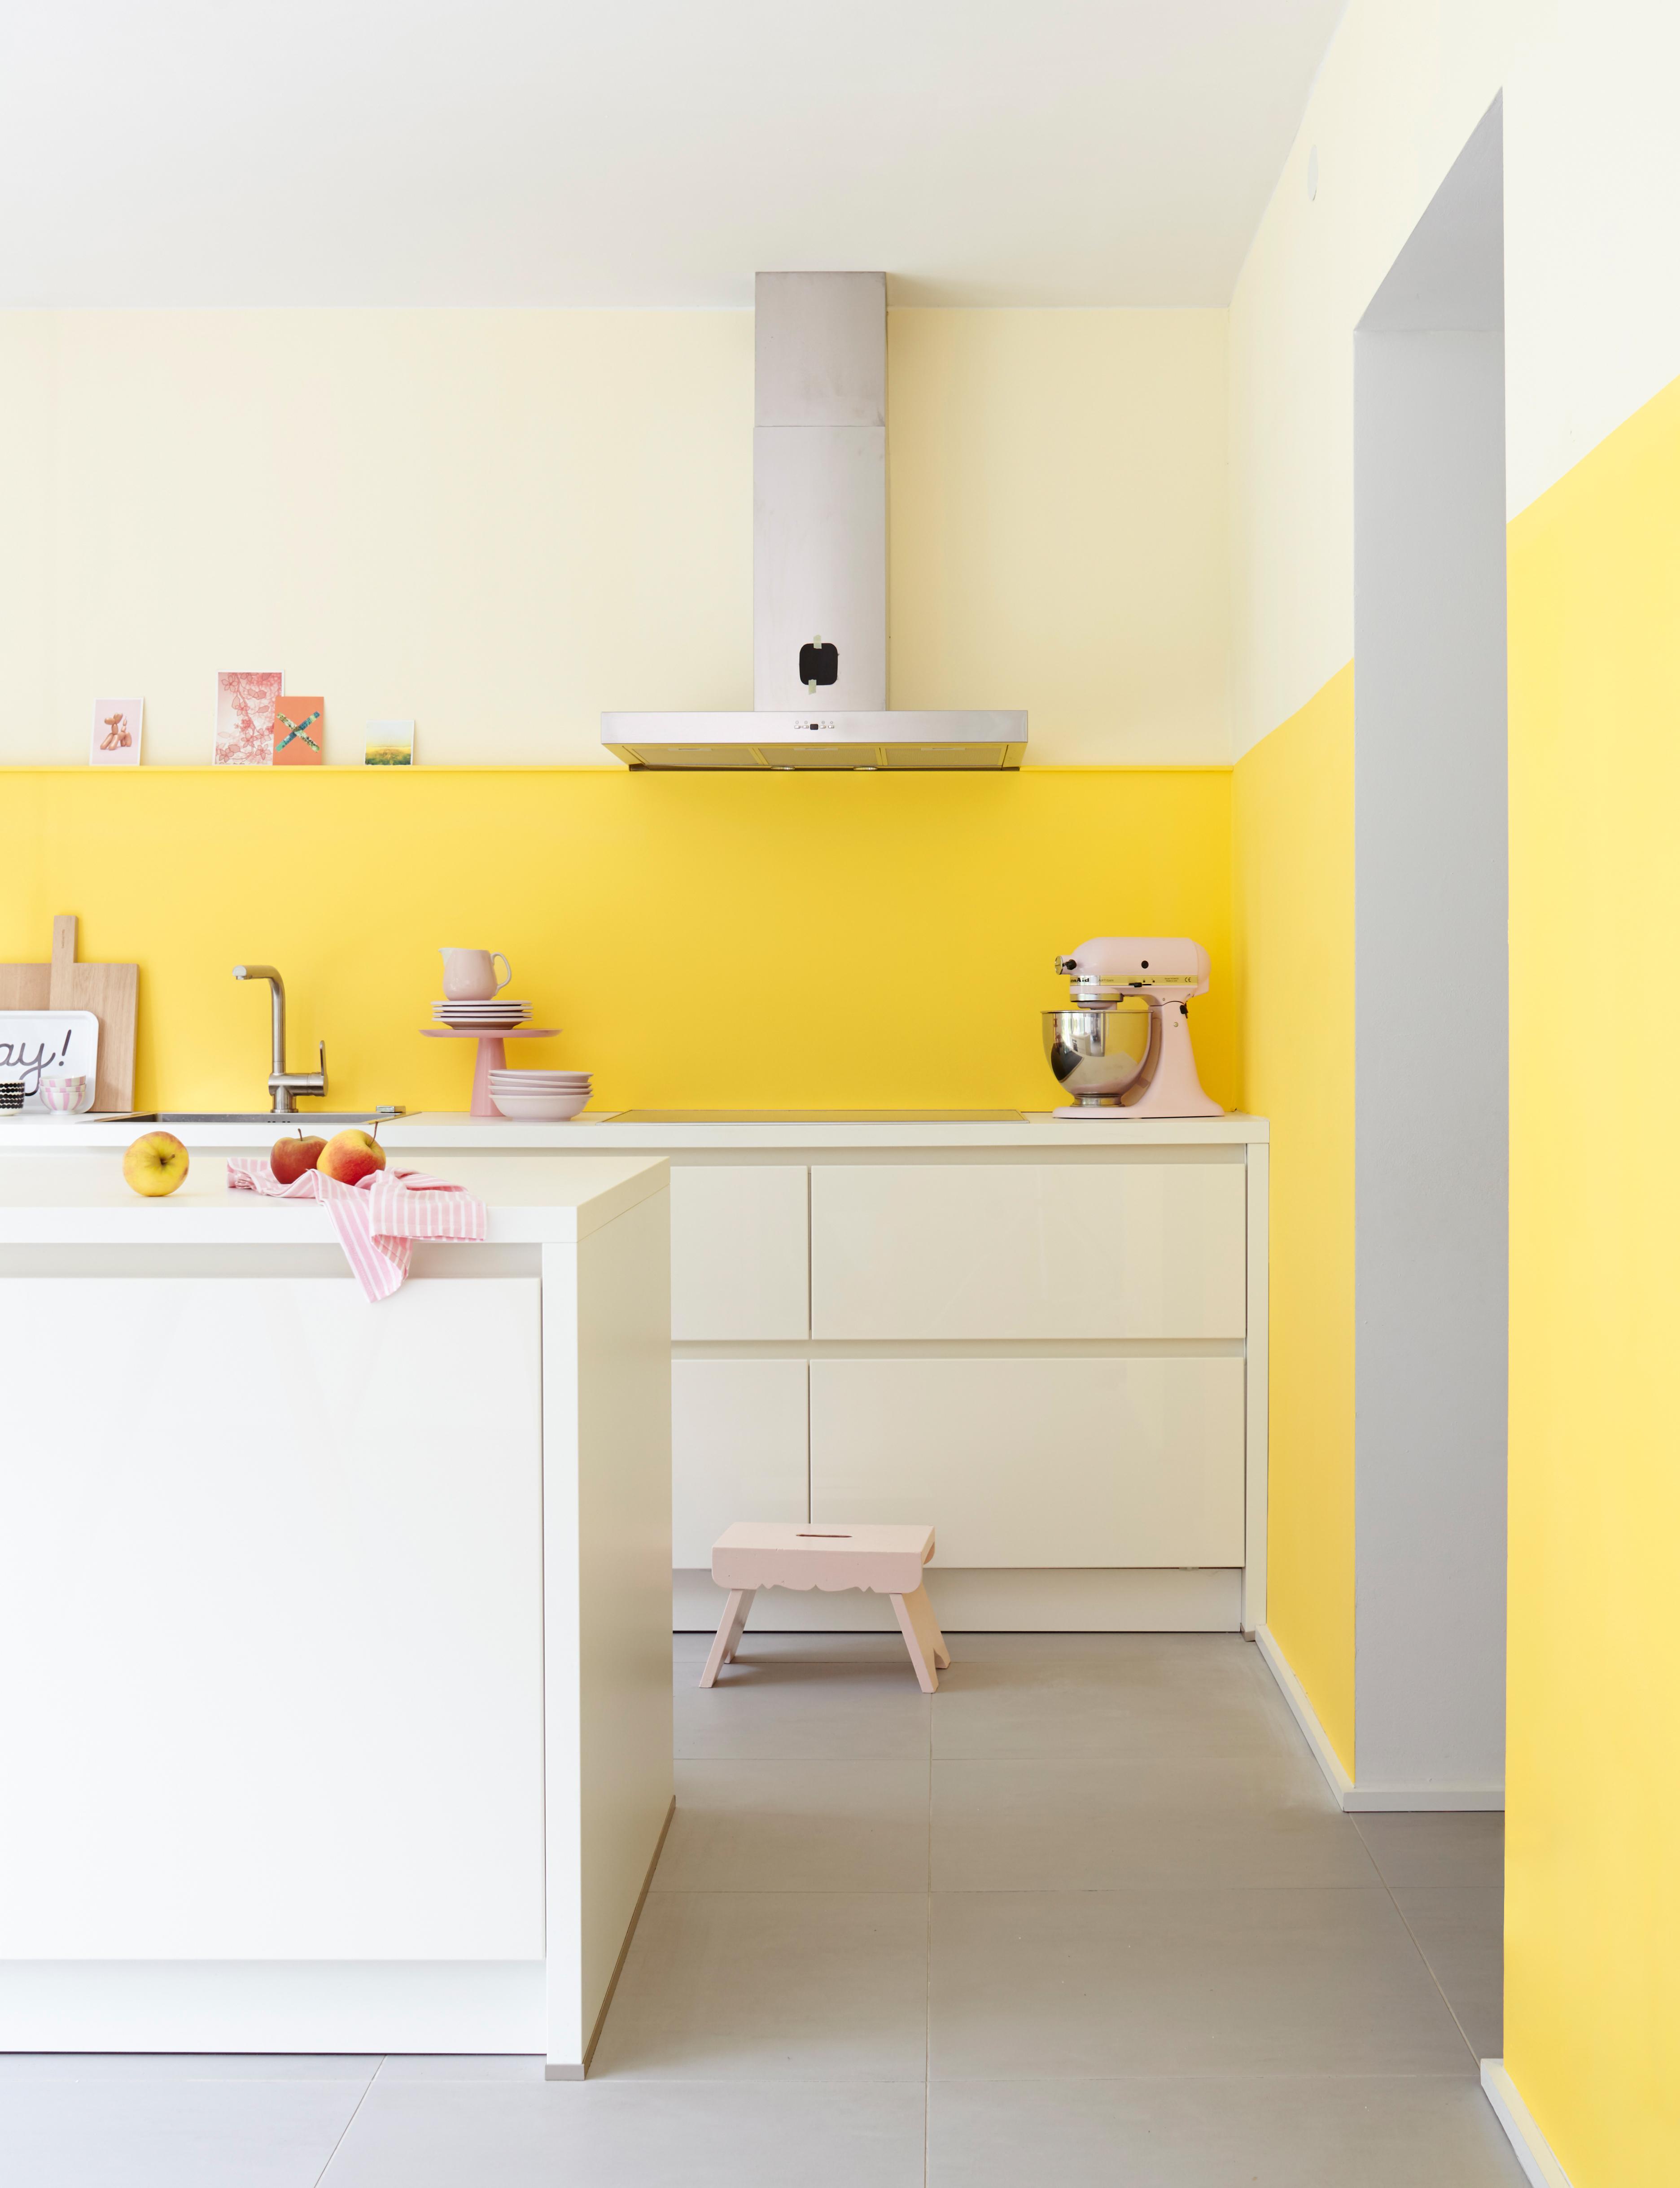 Farbpsychologie: Gesund & glücklich mit den richtigen Farbtönen